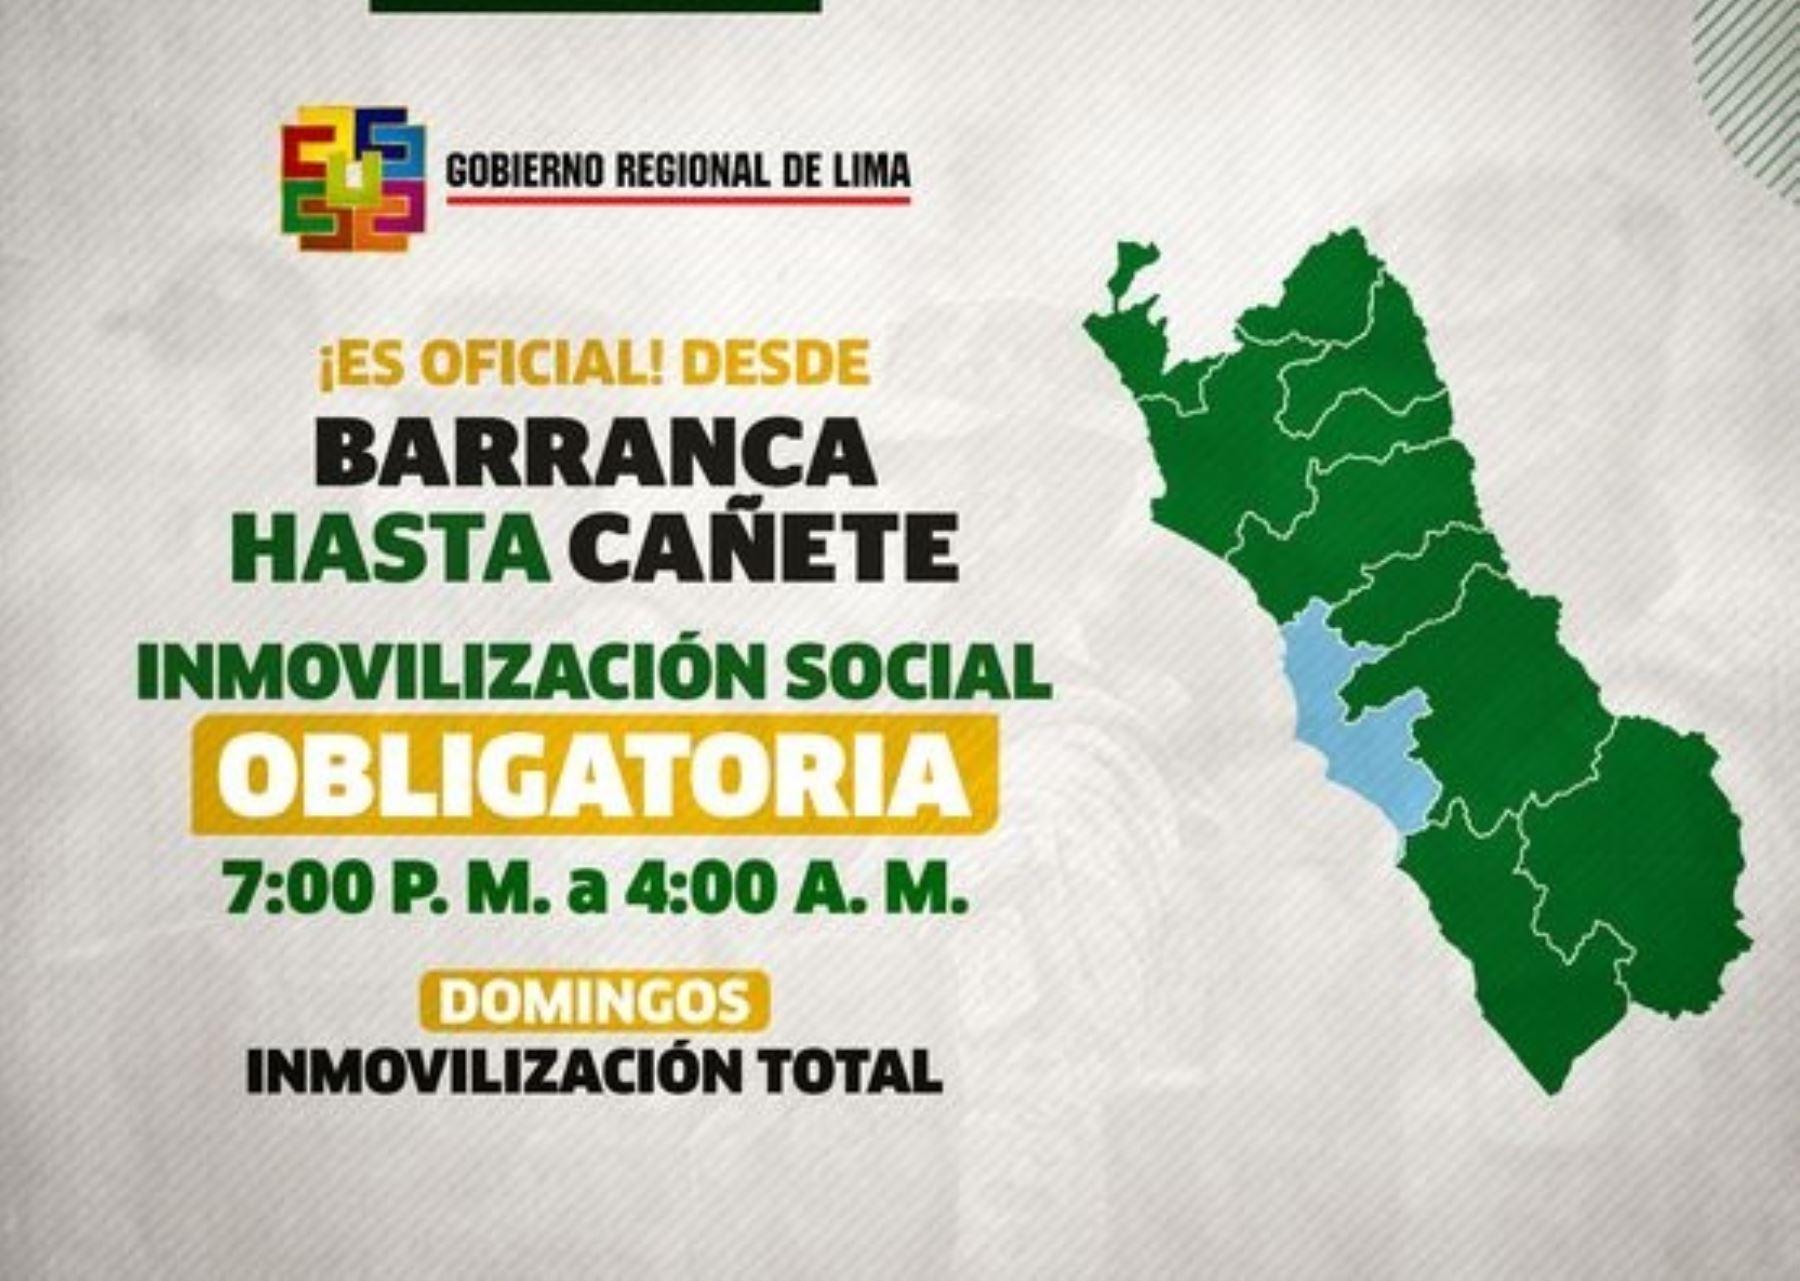 En Cañete, Barranca, Huaura y otras provincias de la Región Lima el toque de queda empezará a las 19:00 horas a partir de mañana viernes 15. Foto: ANDINA/difusión.